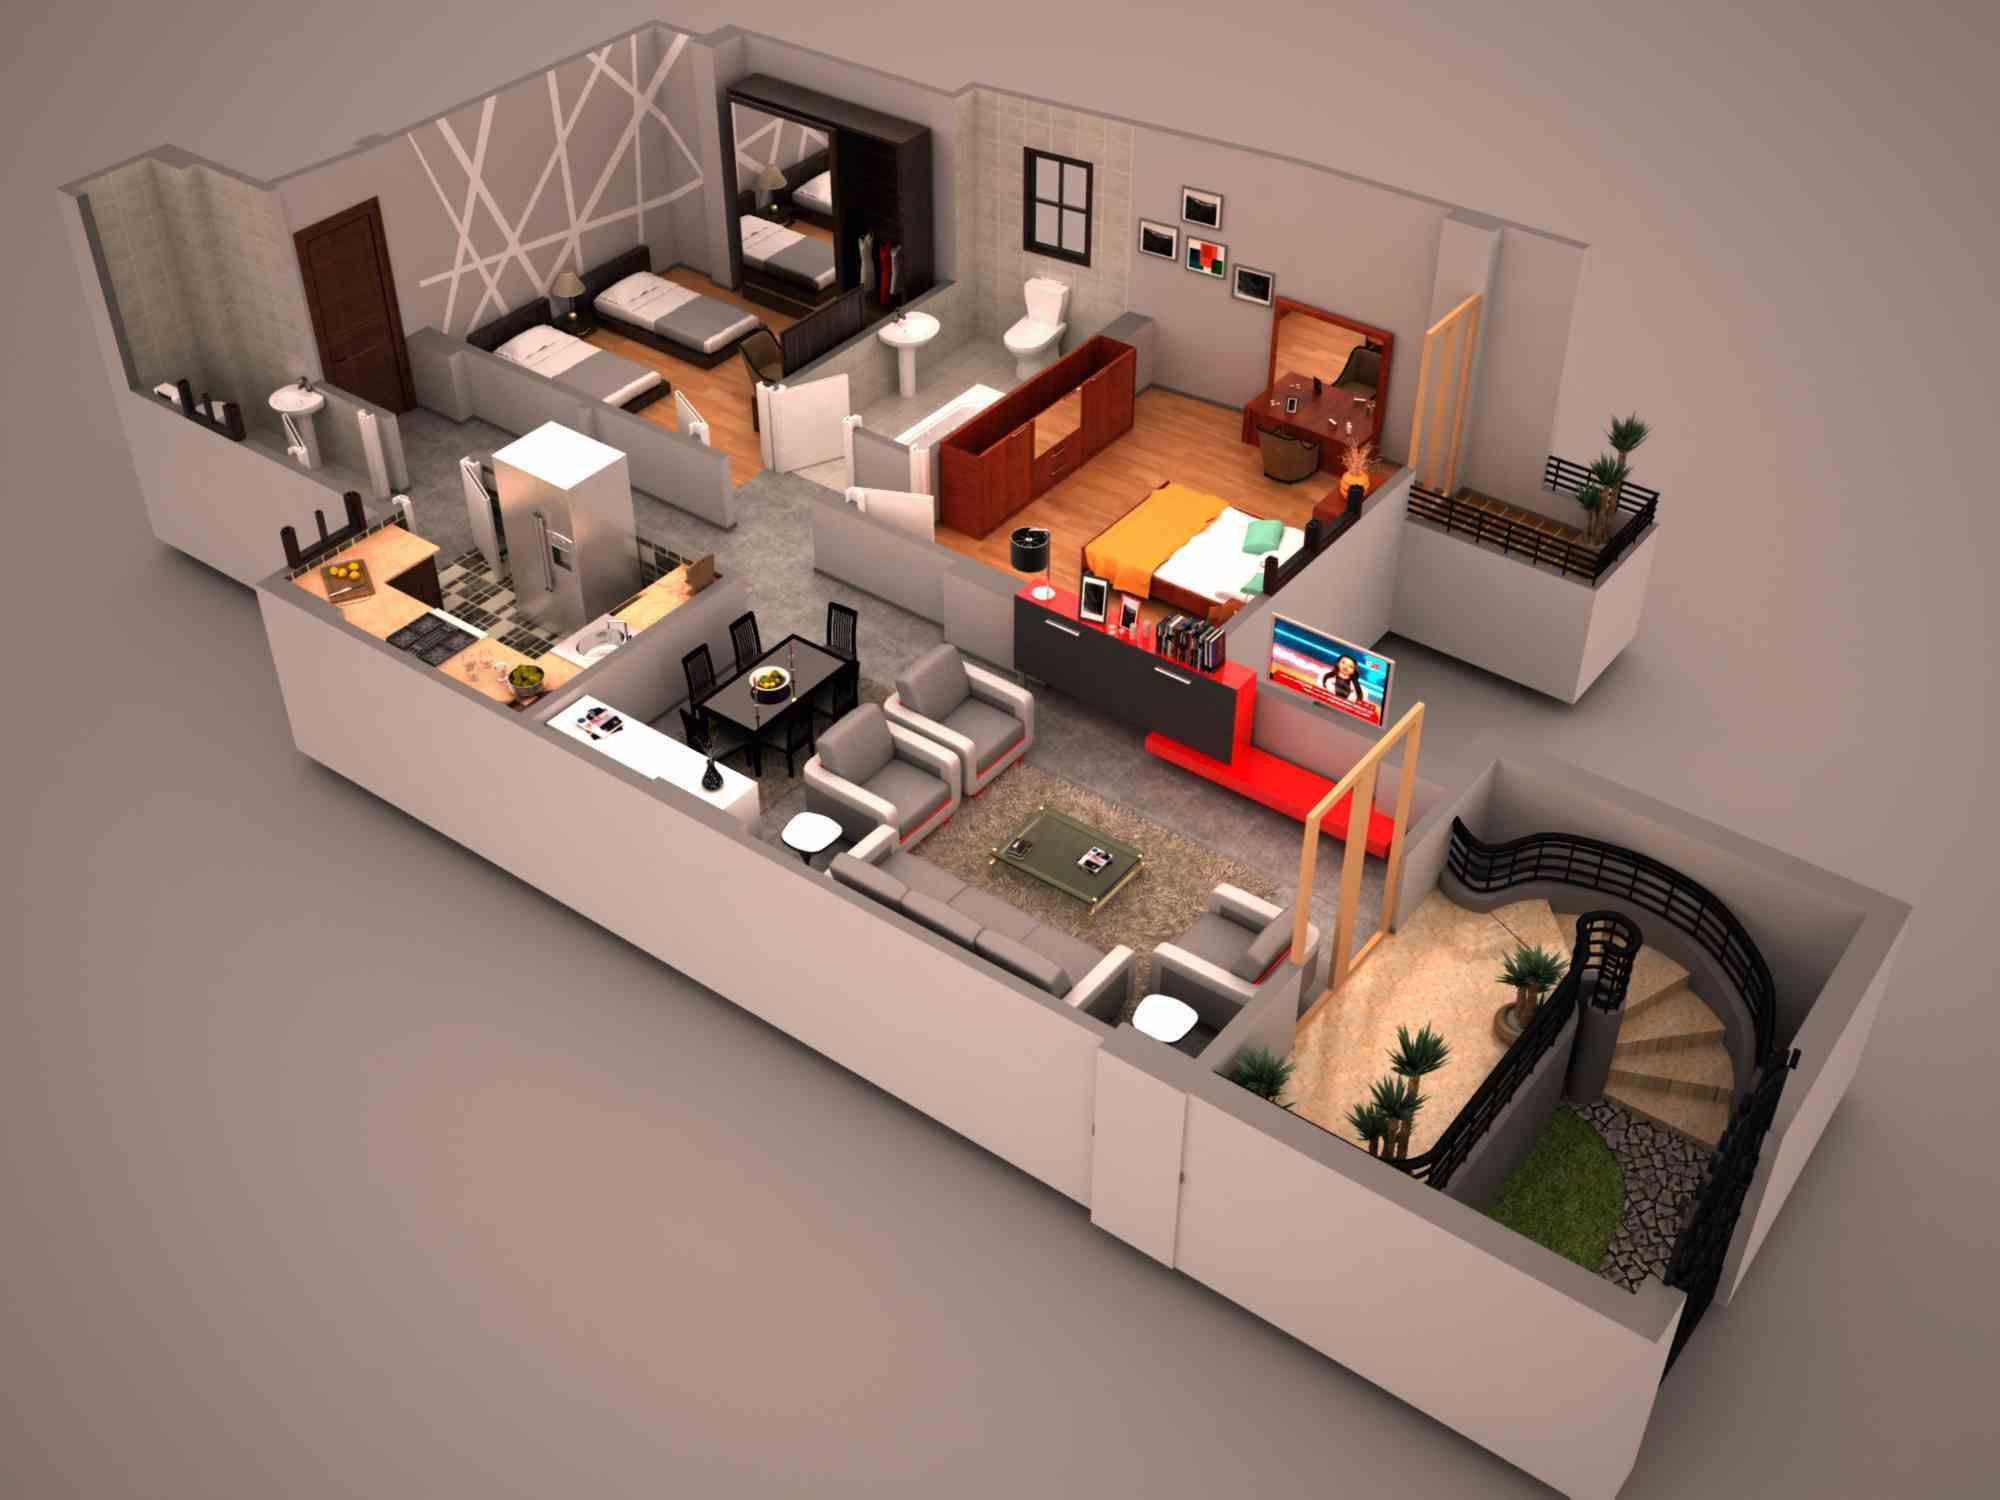 عقار ستوك لراغبى التميز شقة أرضى 121م بحديقة بالمنطقة الثامنه بالشروق Real Estate Estates